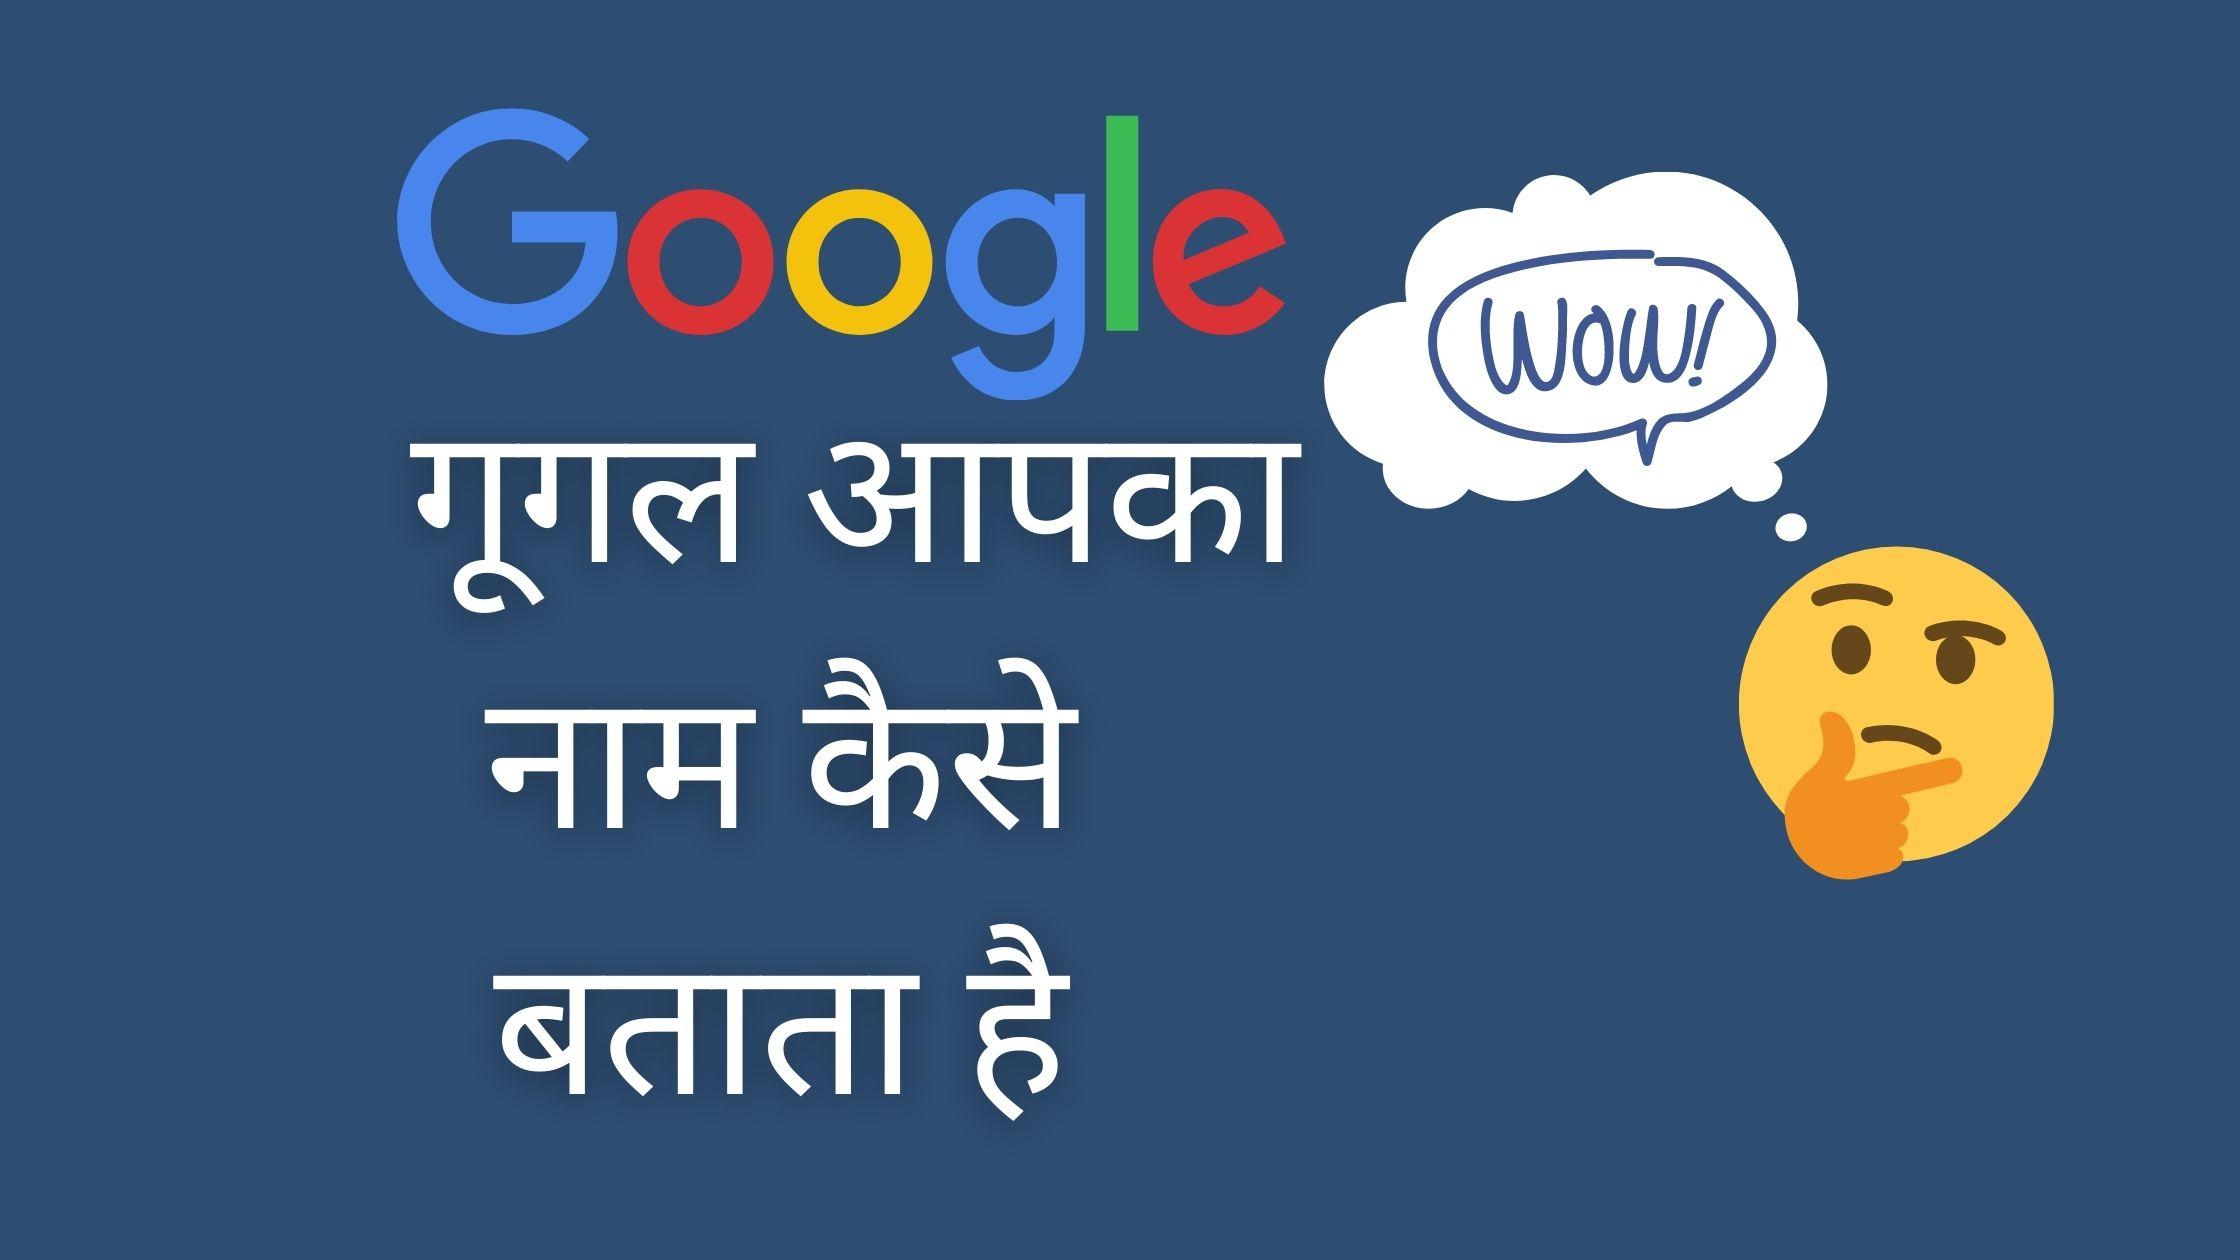 google apka naam kaise batata hai